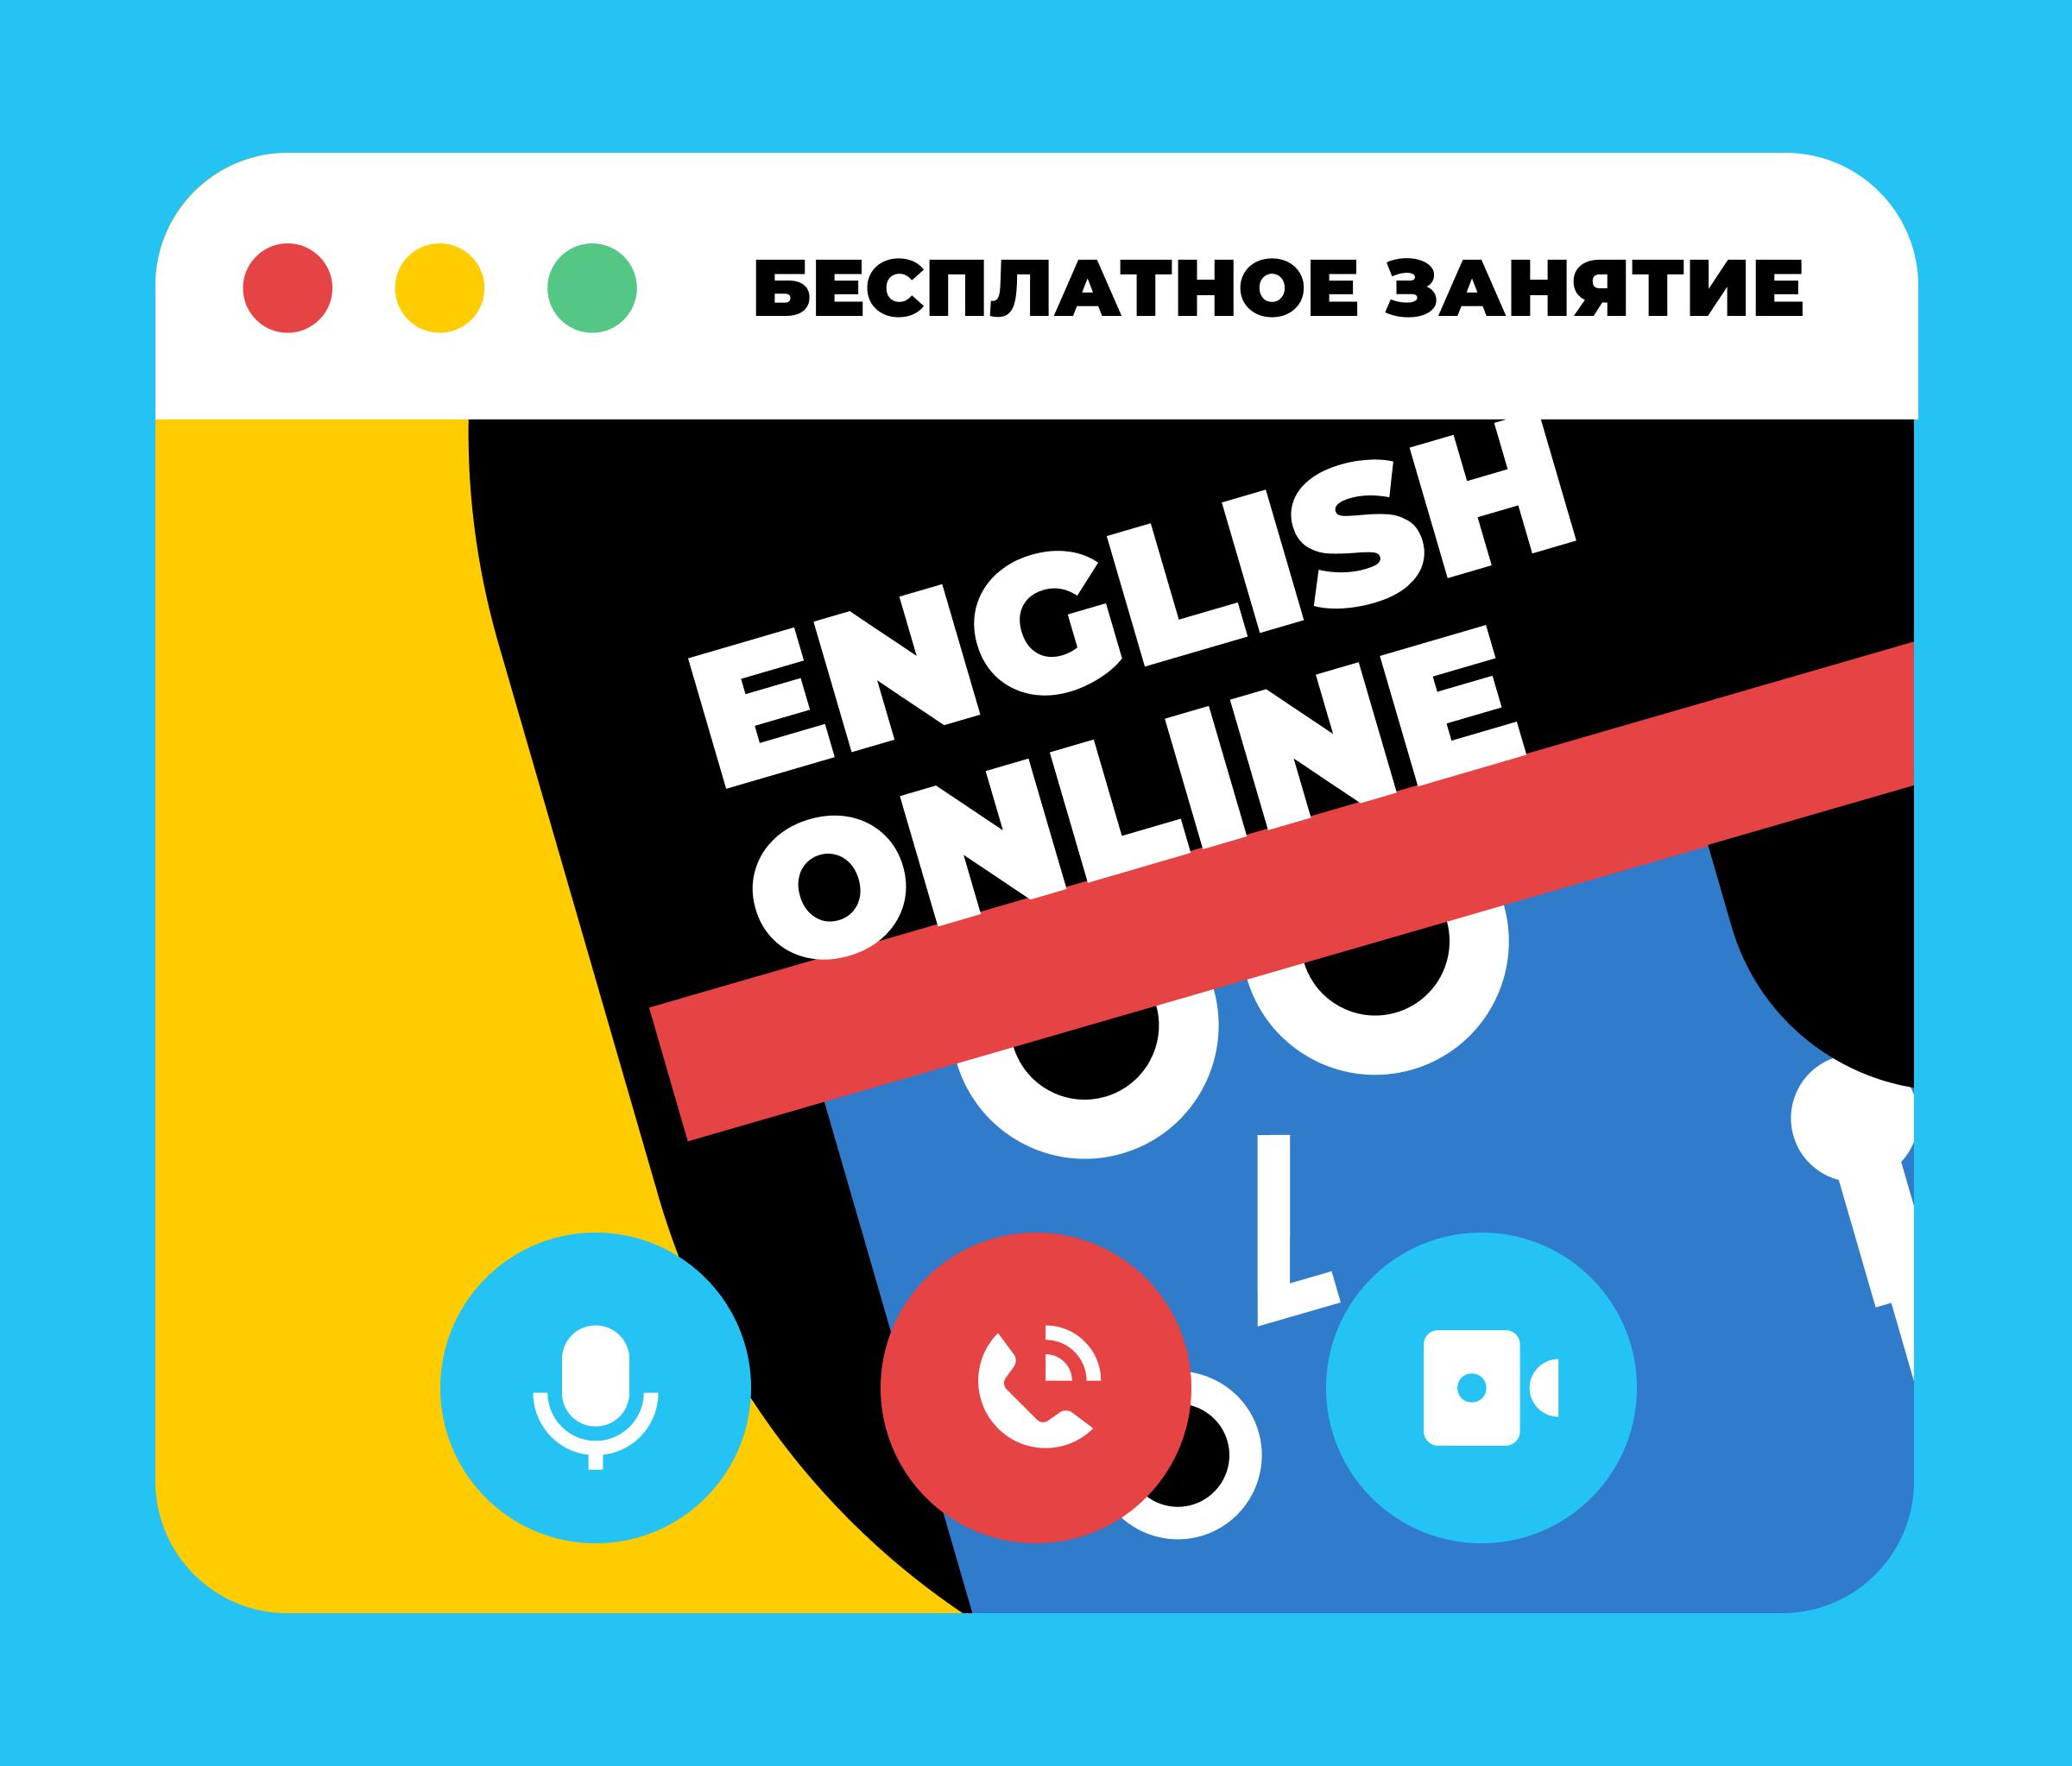 Бесплатное  онлайн-занятие по  английскому языку